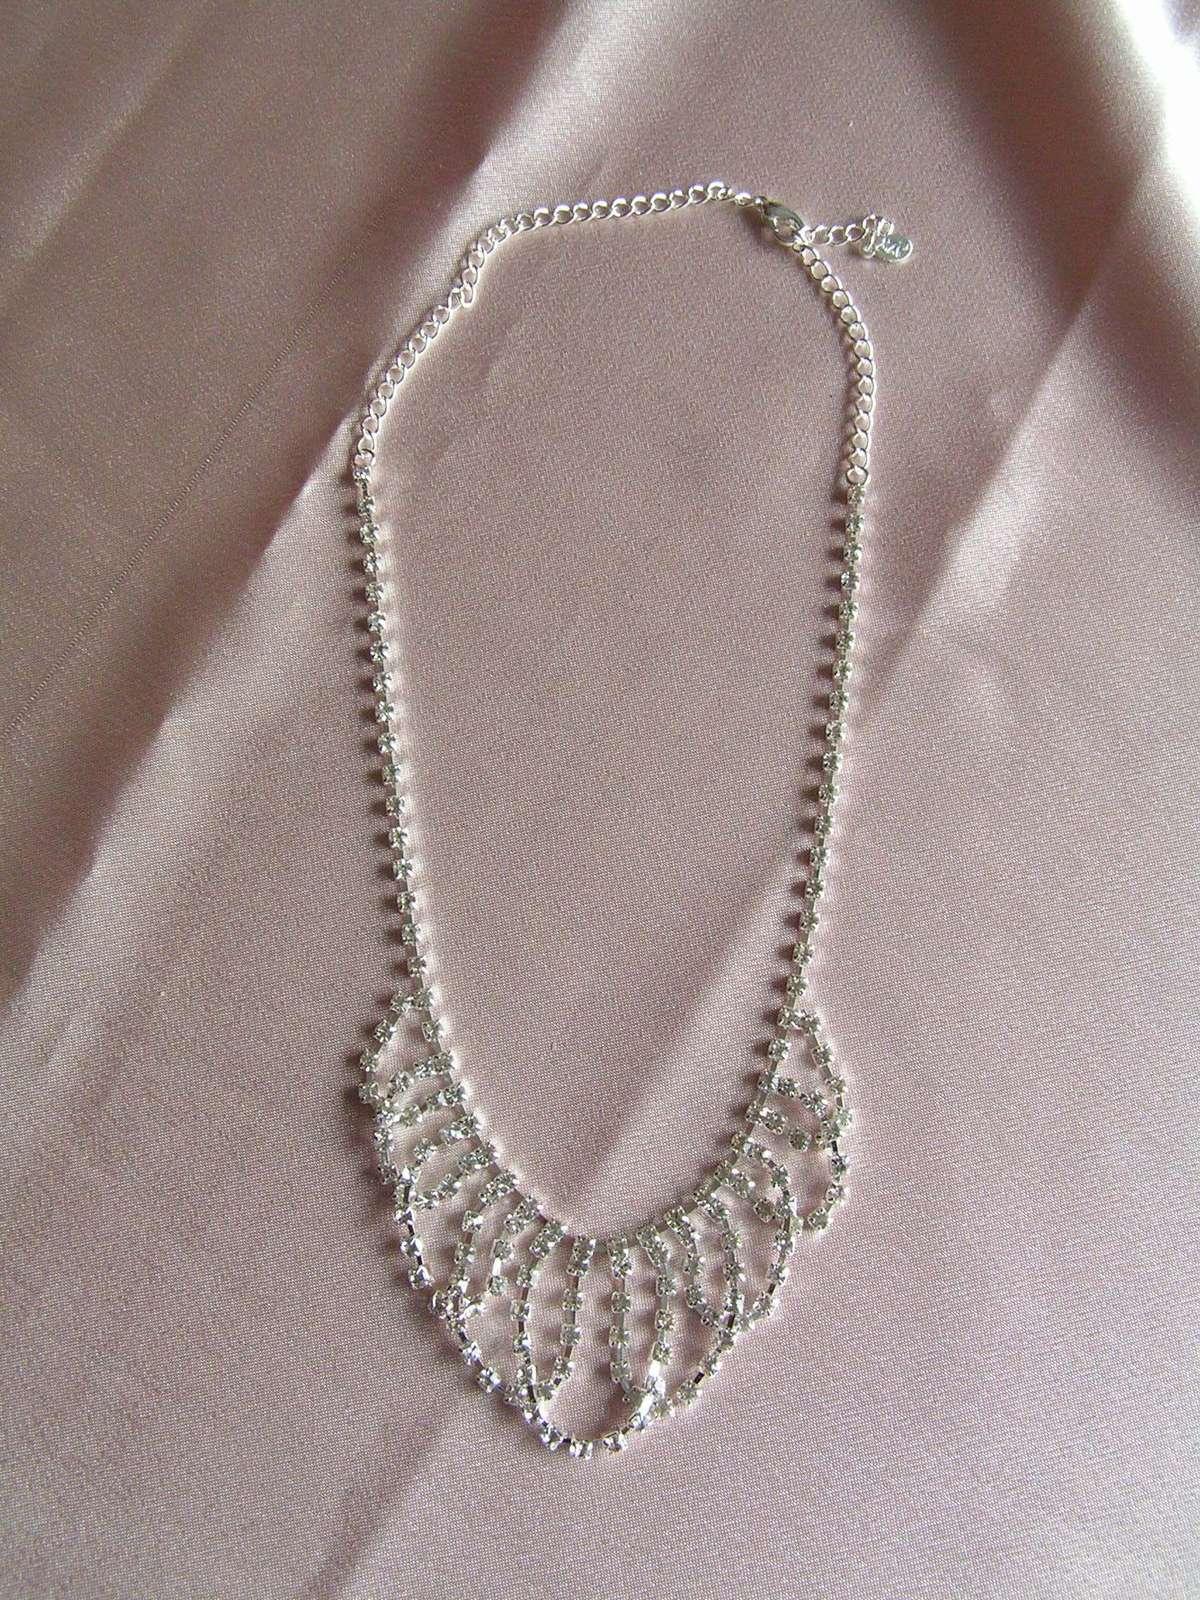 Štrasový náhrdelník - Obrázek č. 1